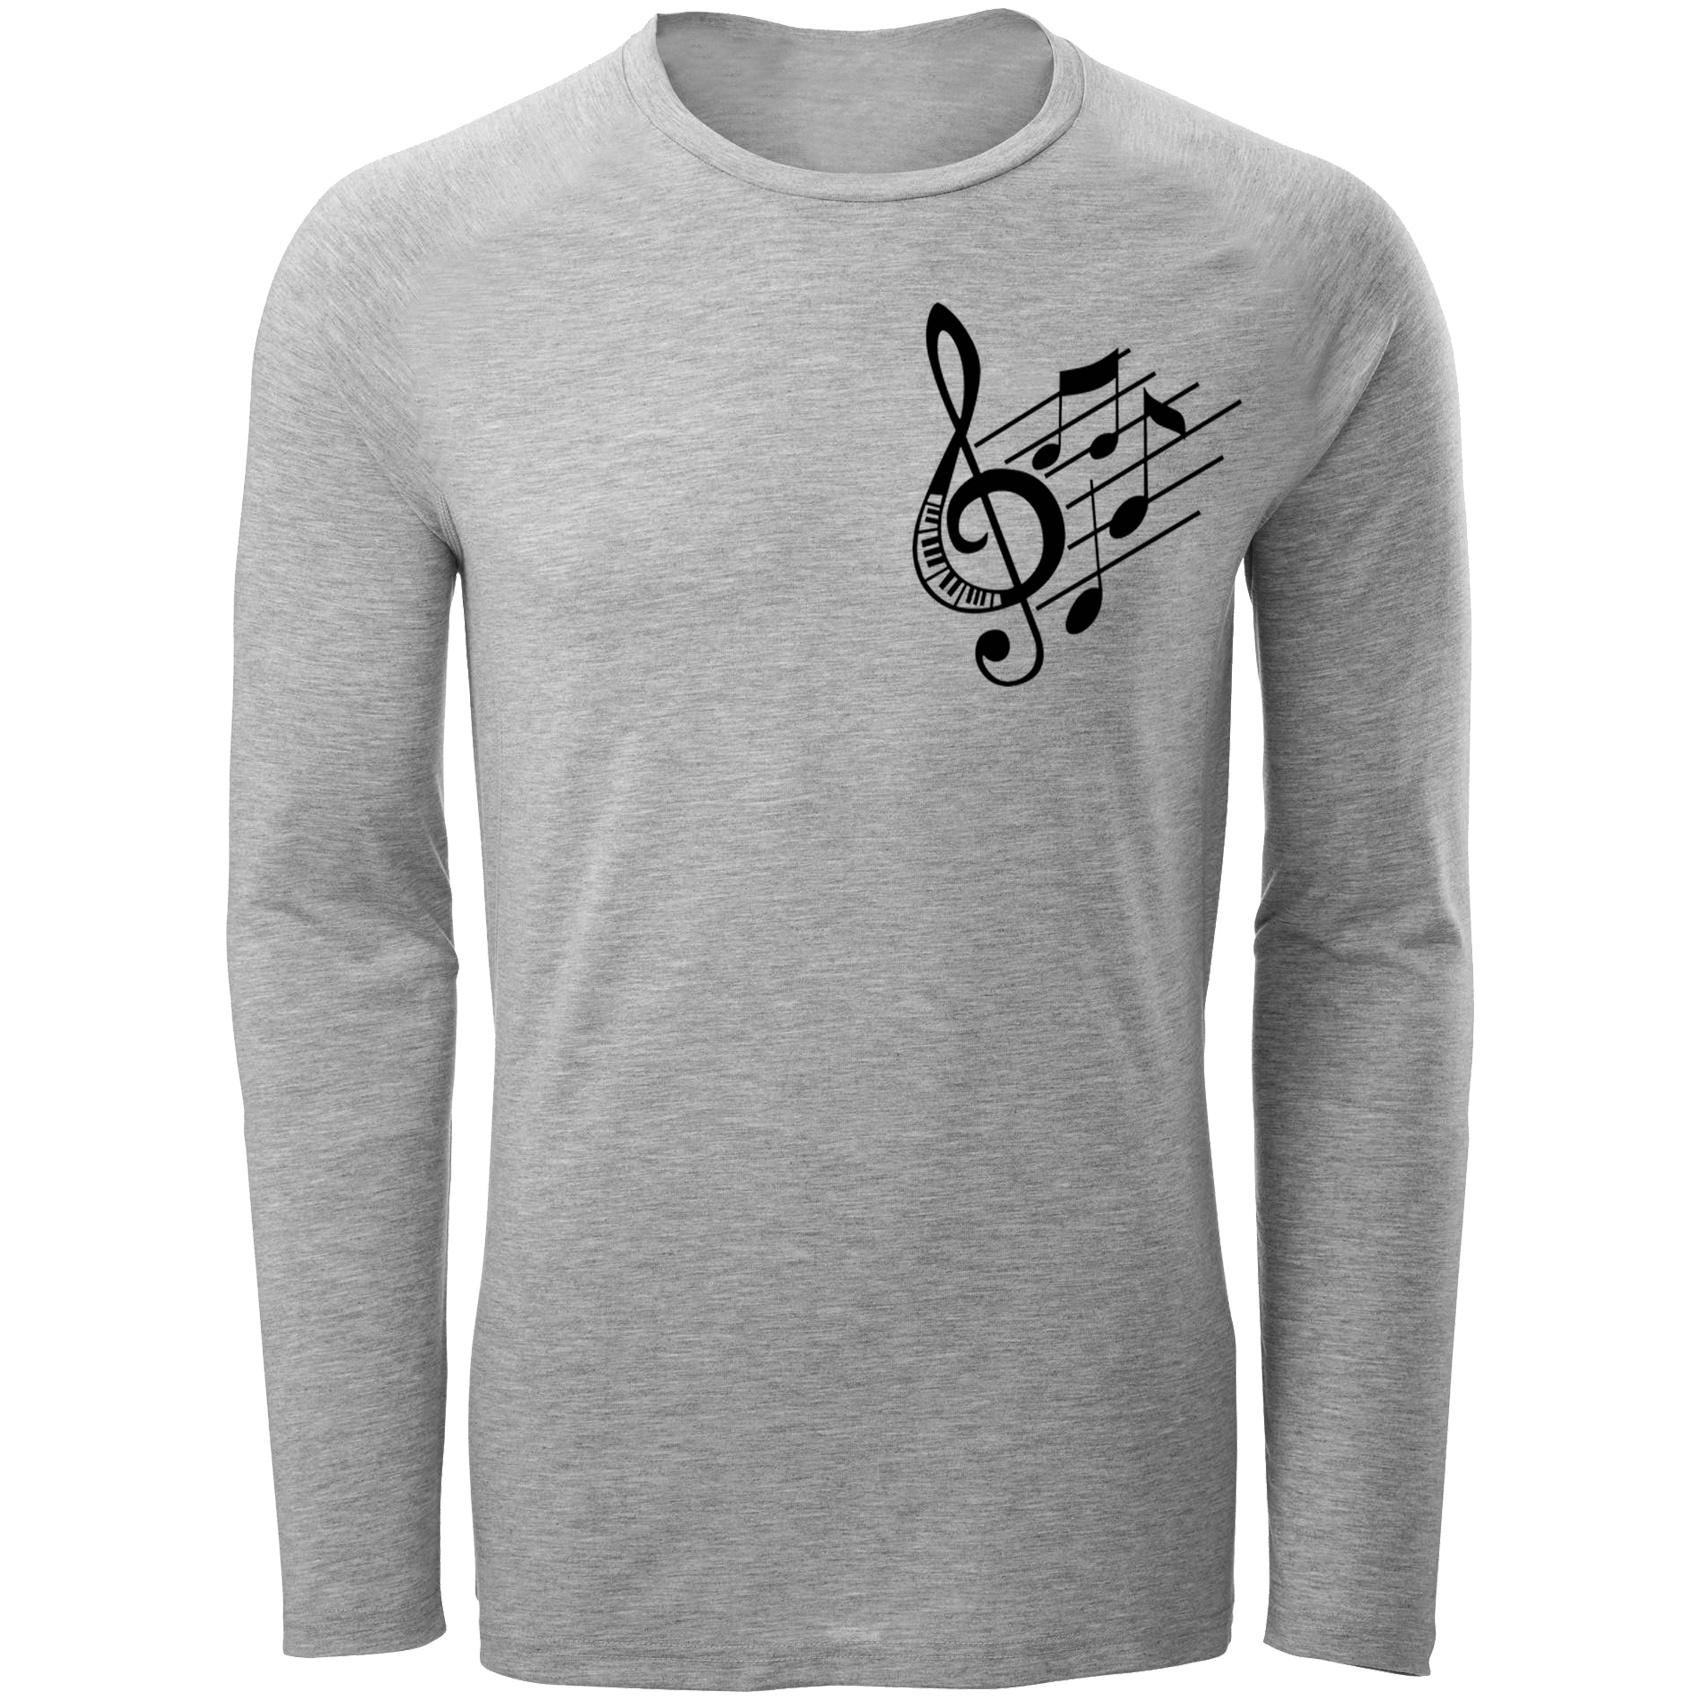 تی شرت مردانه طرح موزیک  کد c13